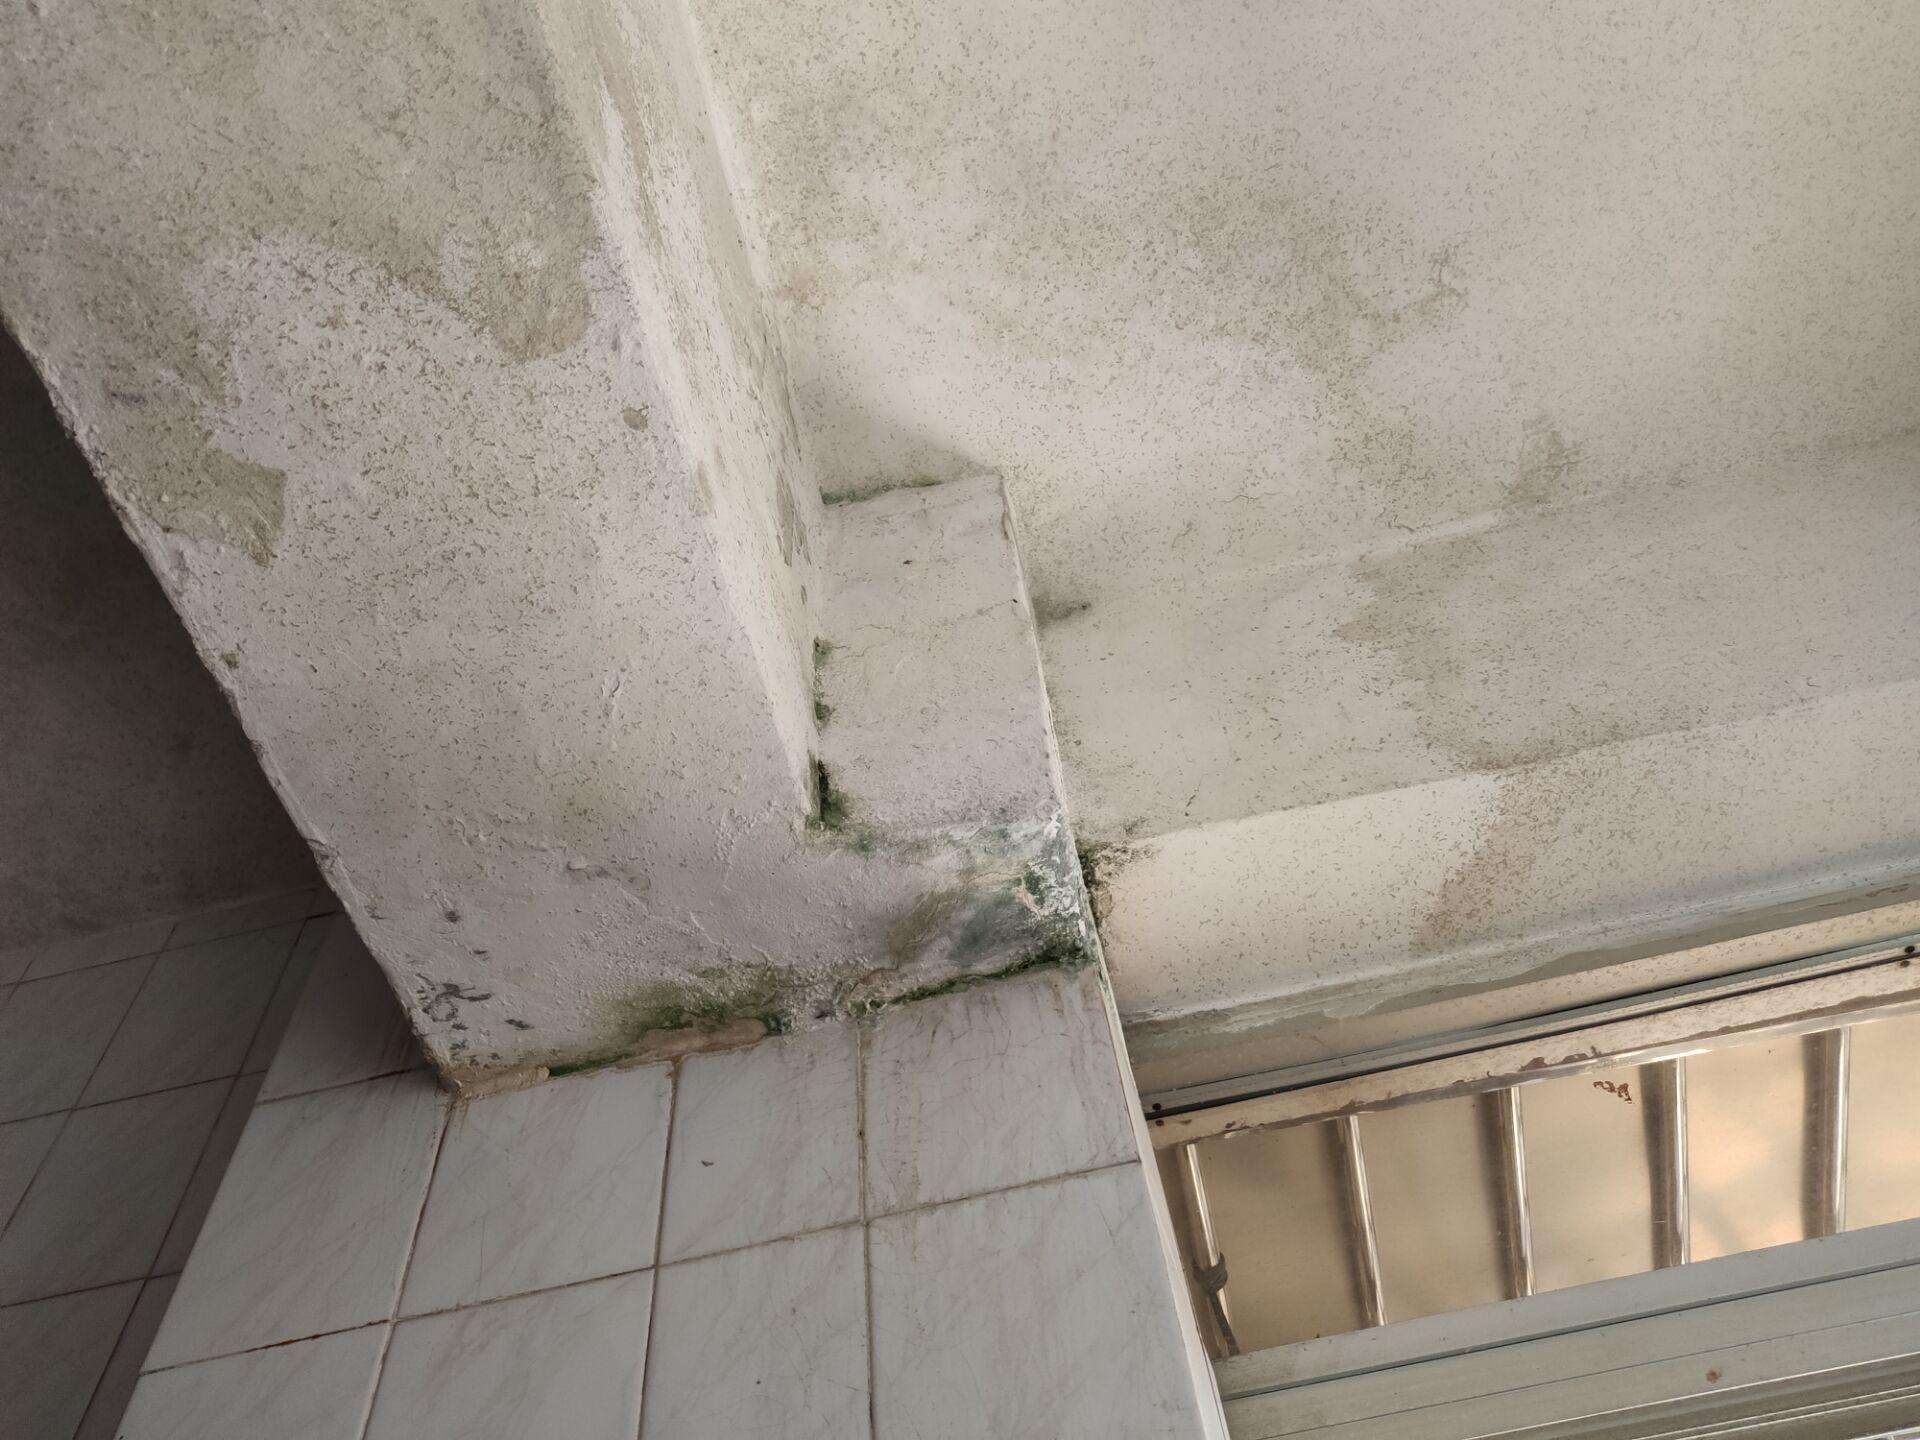 房屋漏水严重 邻居多次协商未解决